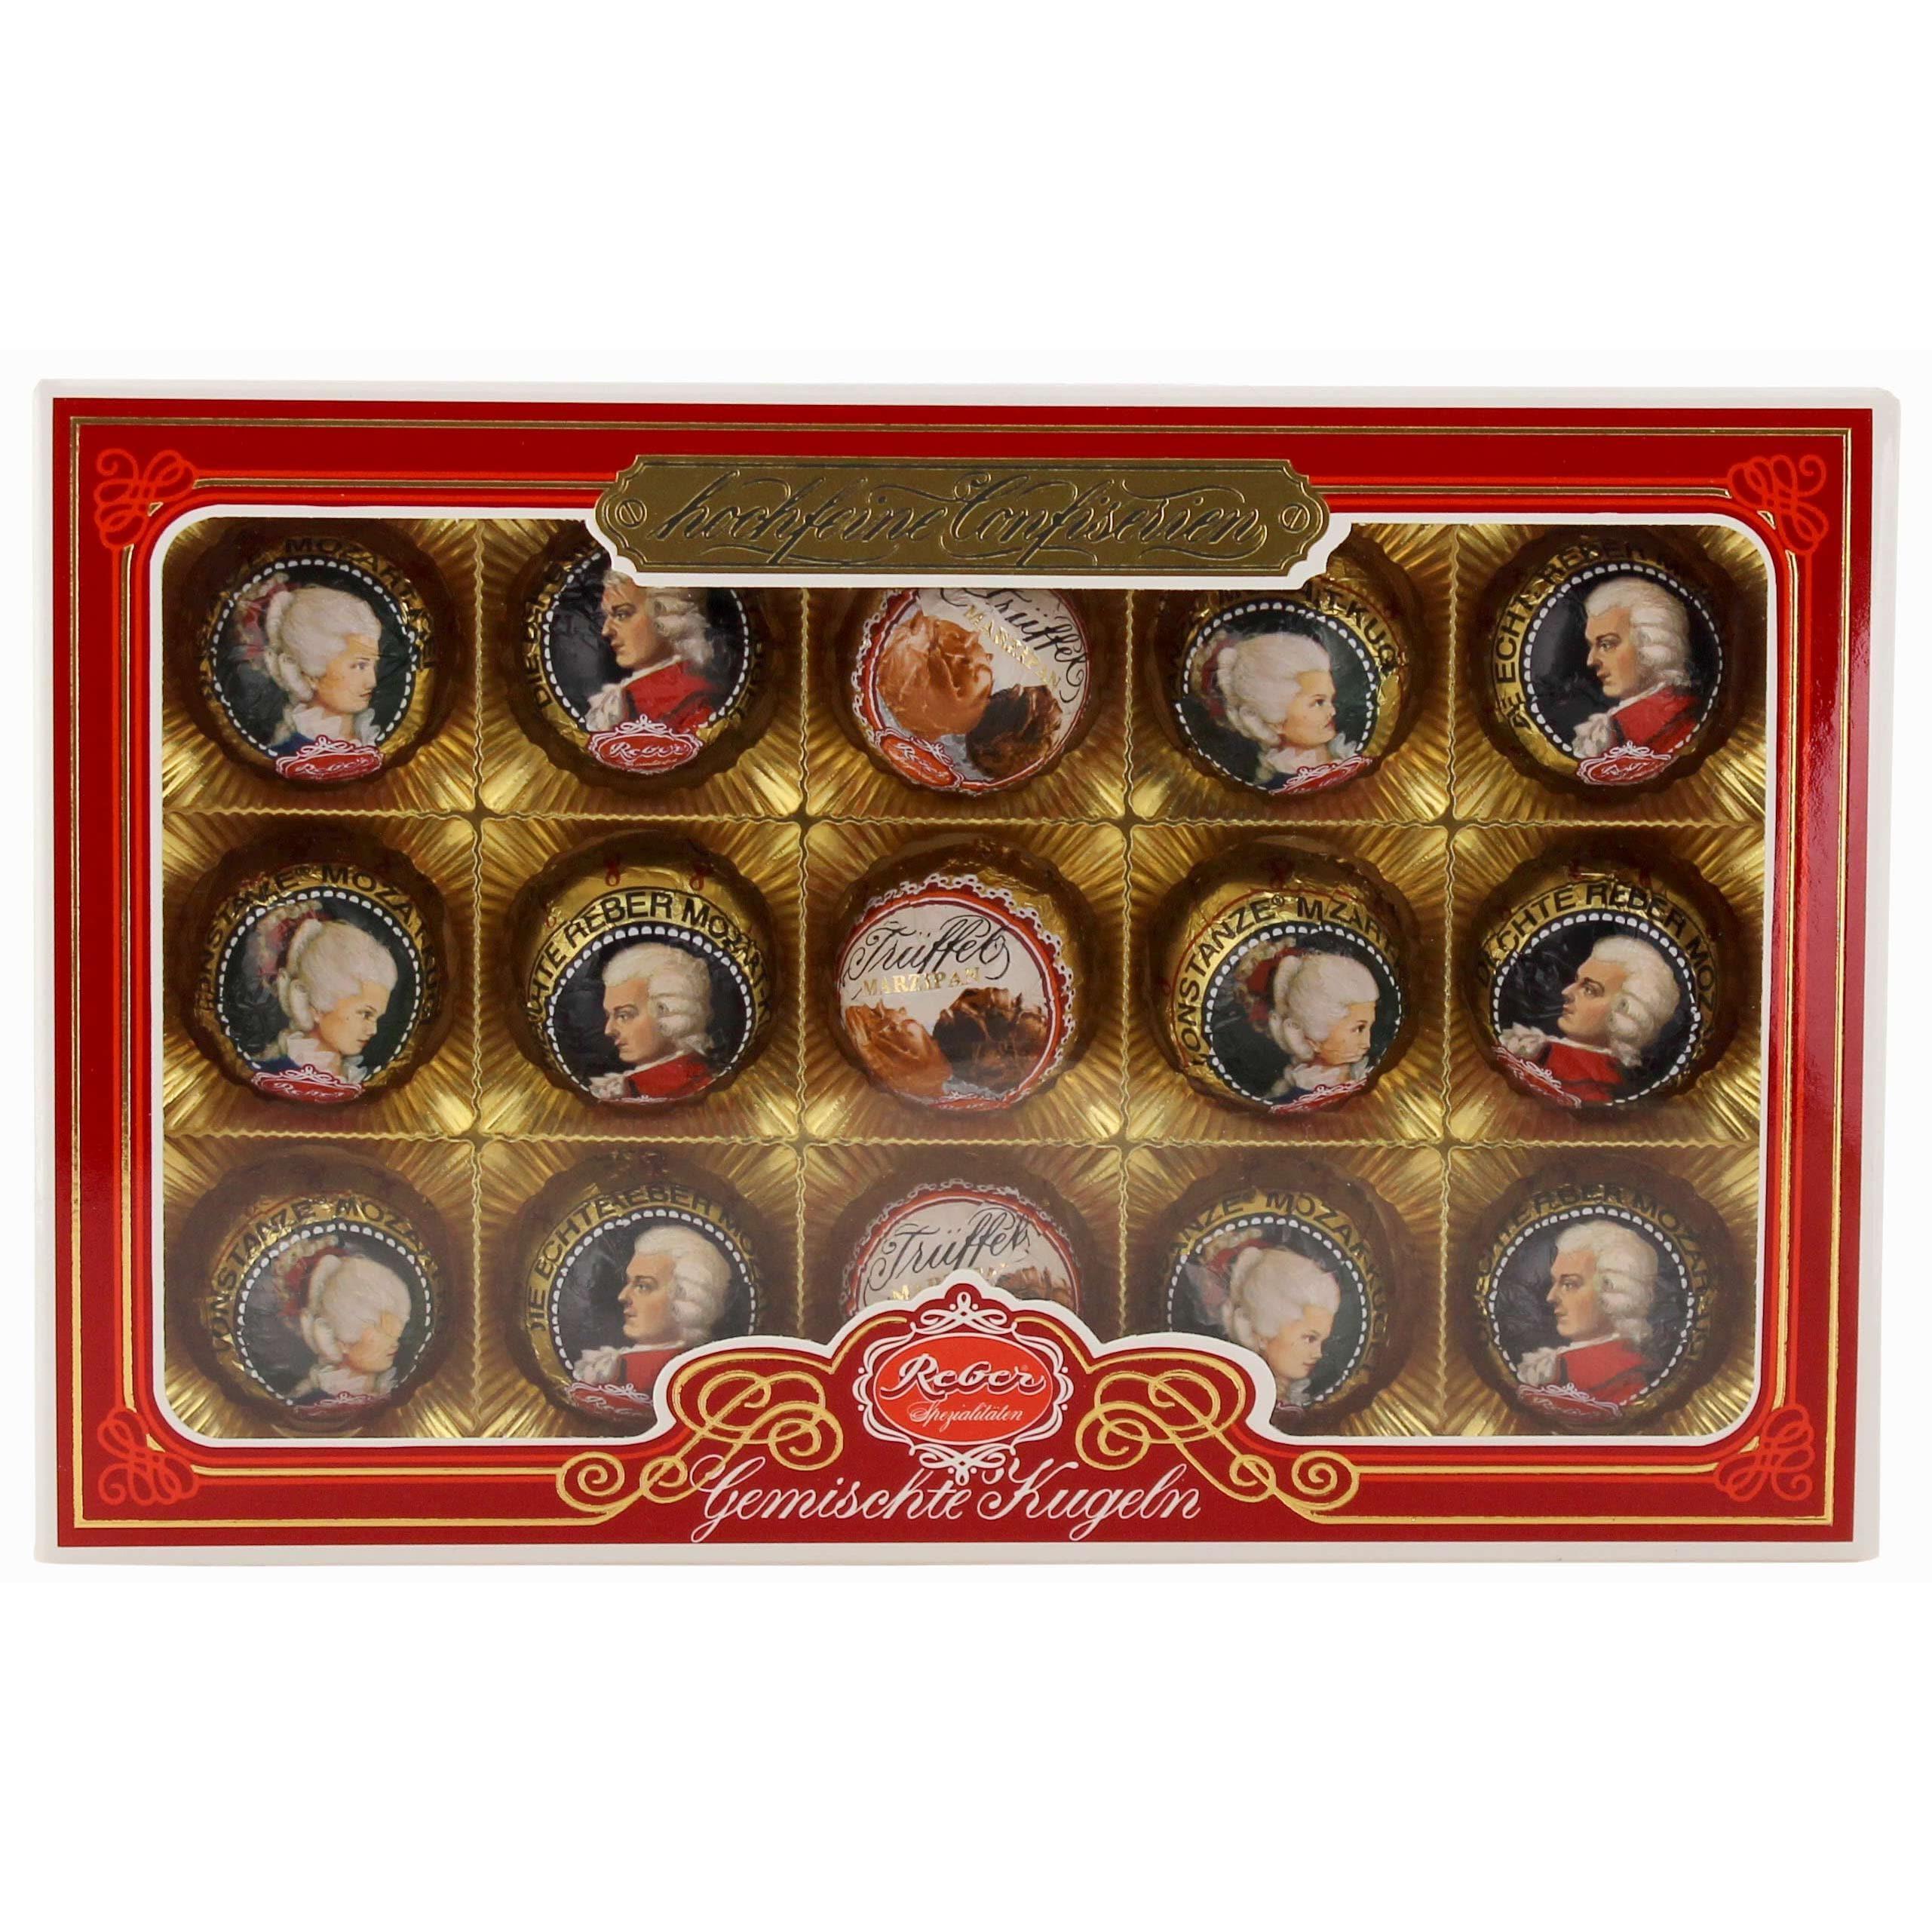 Reber - Mozart Kugeln Schokolade Pralinen Nougat Pistazien - 300g